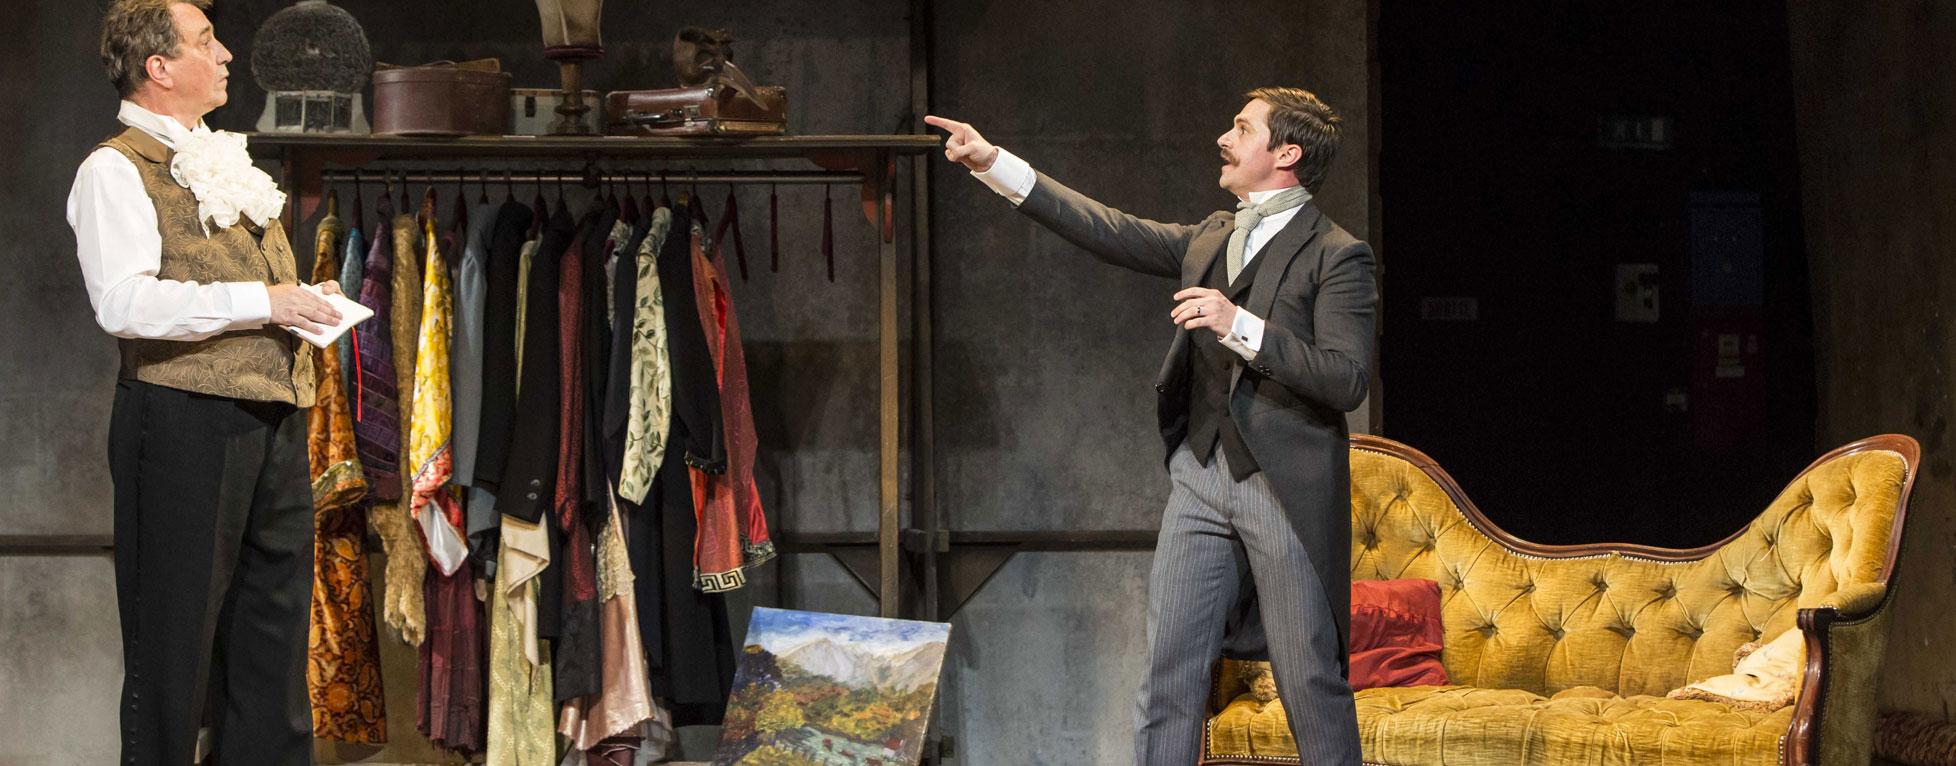 Edmond, la pièce d'Alexis Michalik, est de retour au Théâtre du Palais-Royal